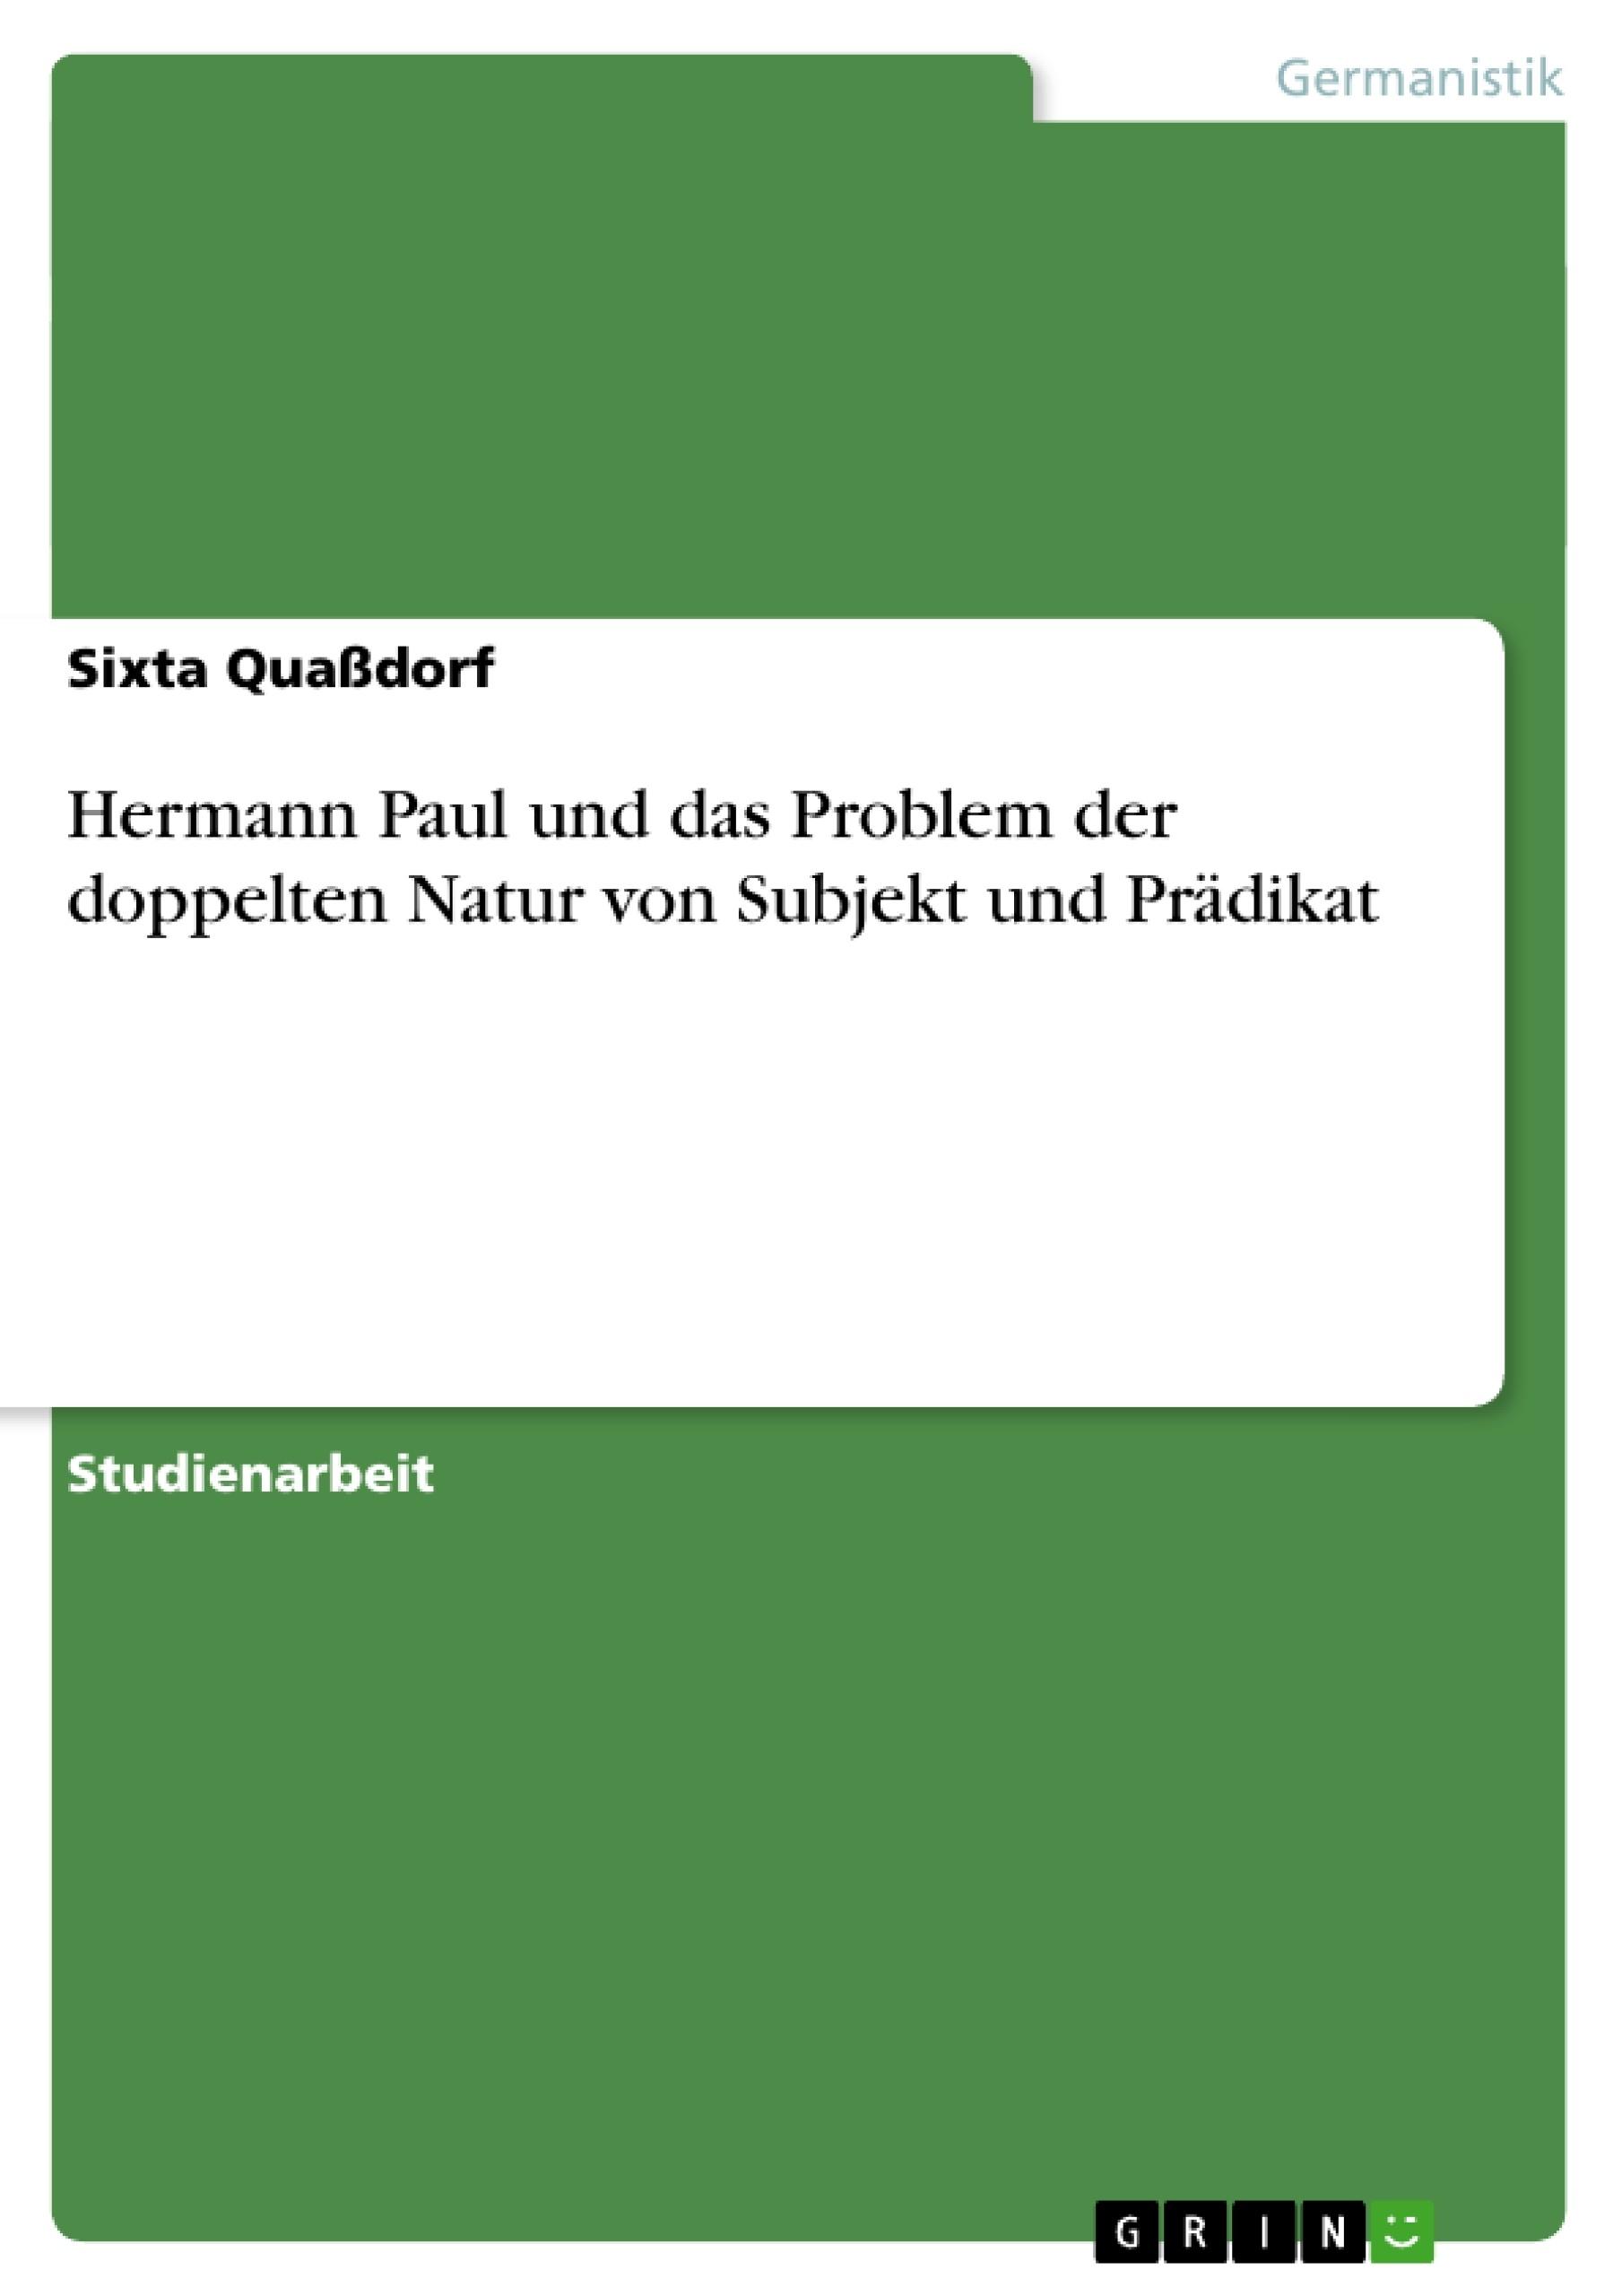 Titel: Hermann Paul und das Problem der doppelten Natur von Subjekt und Prädikat